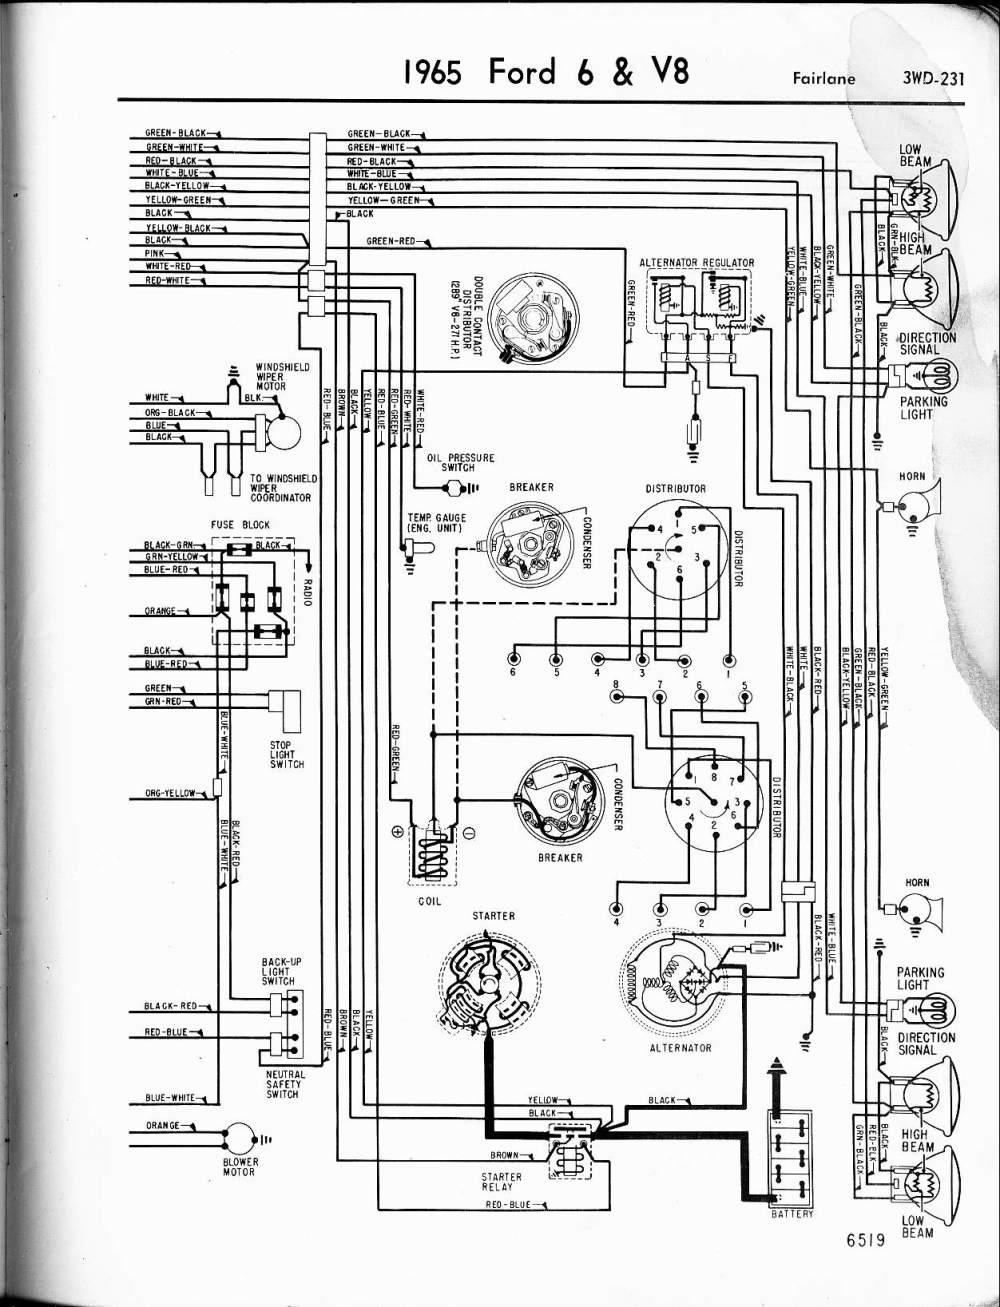 1968 ford f100 turn signal wiring diagram 1968 falcon wiring diagram wiring diagram e6  1968 falcon wiring diagram wiring